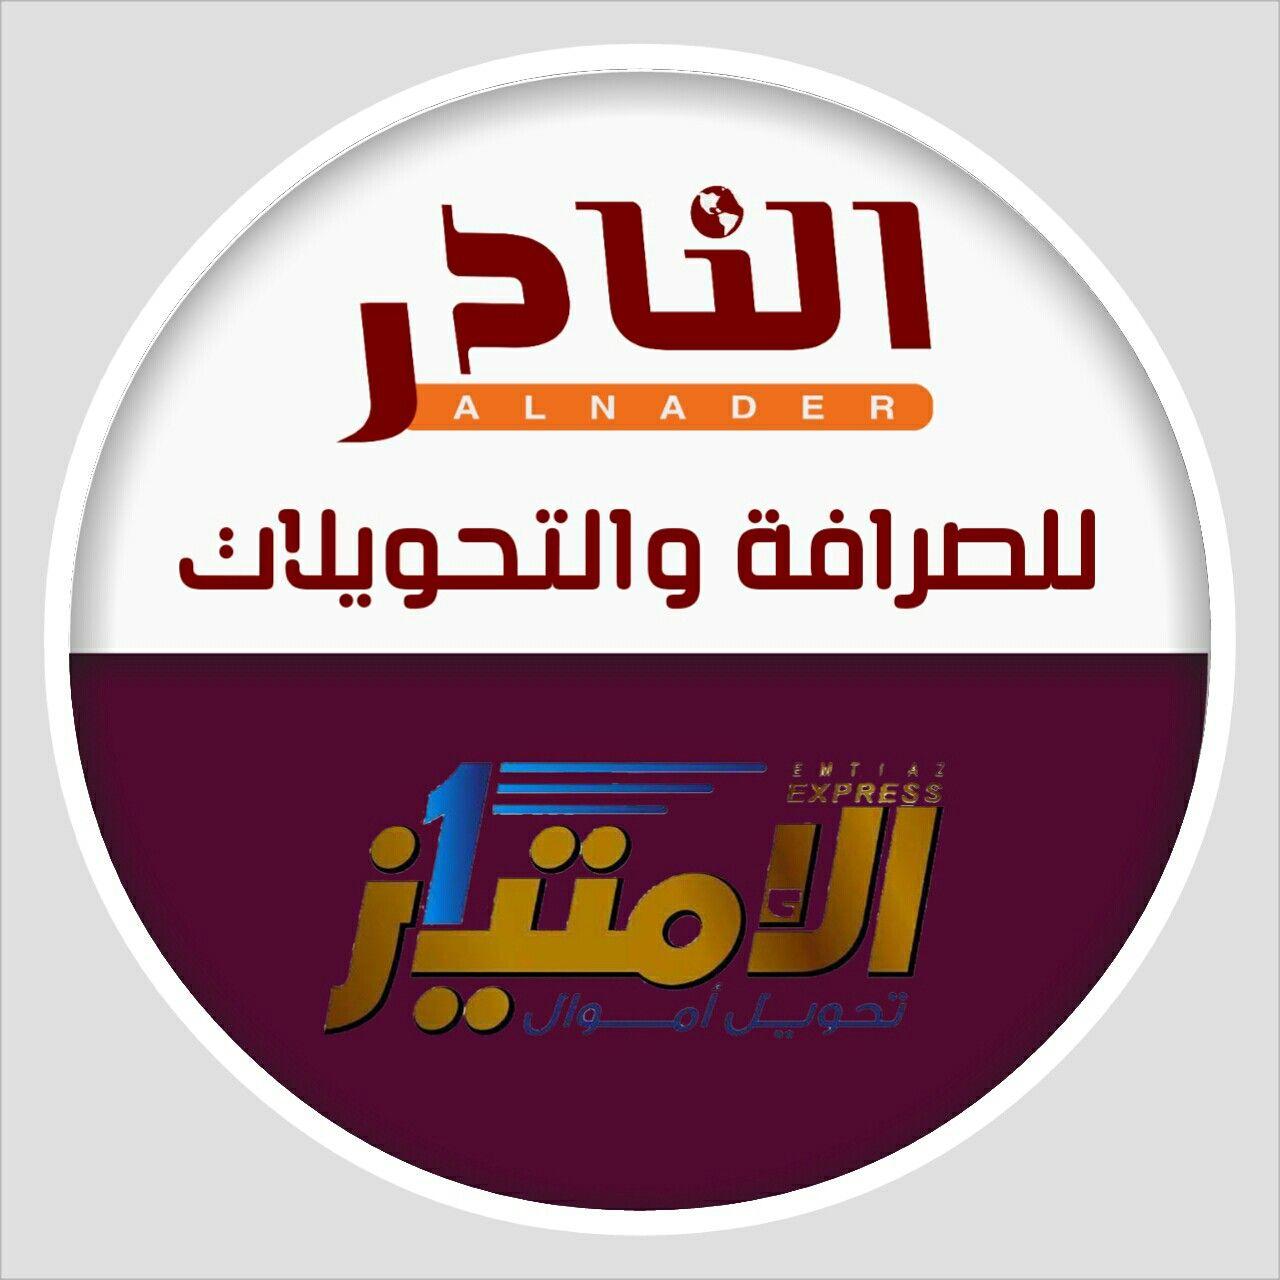 النادر للصرافة والتحويلات King Logo My Design Design